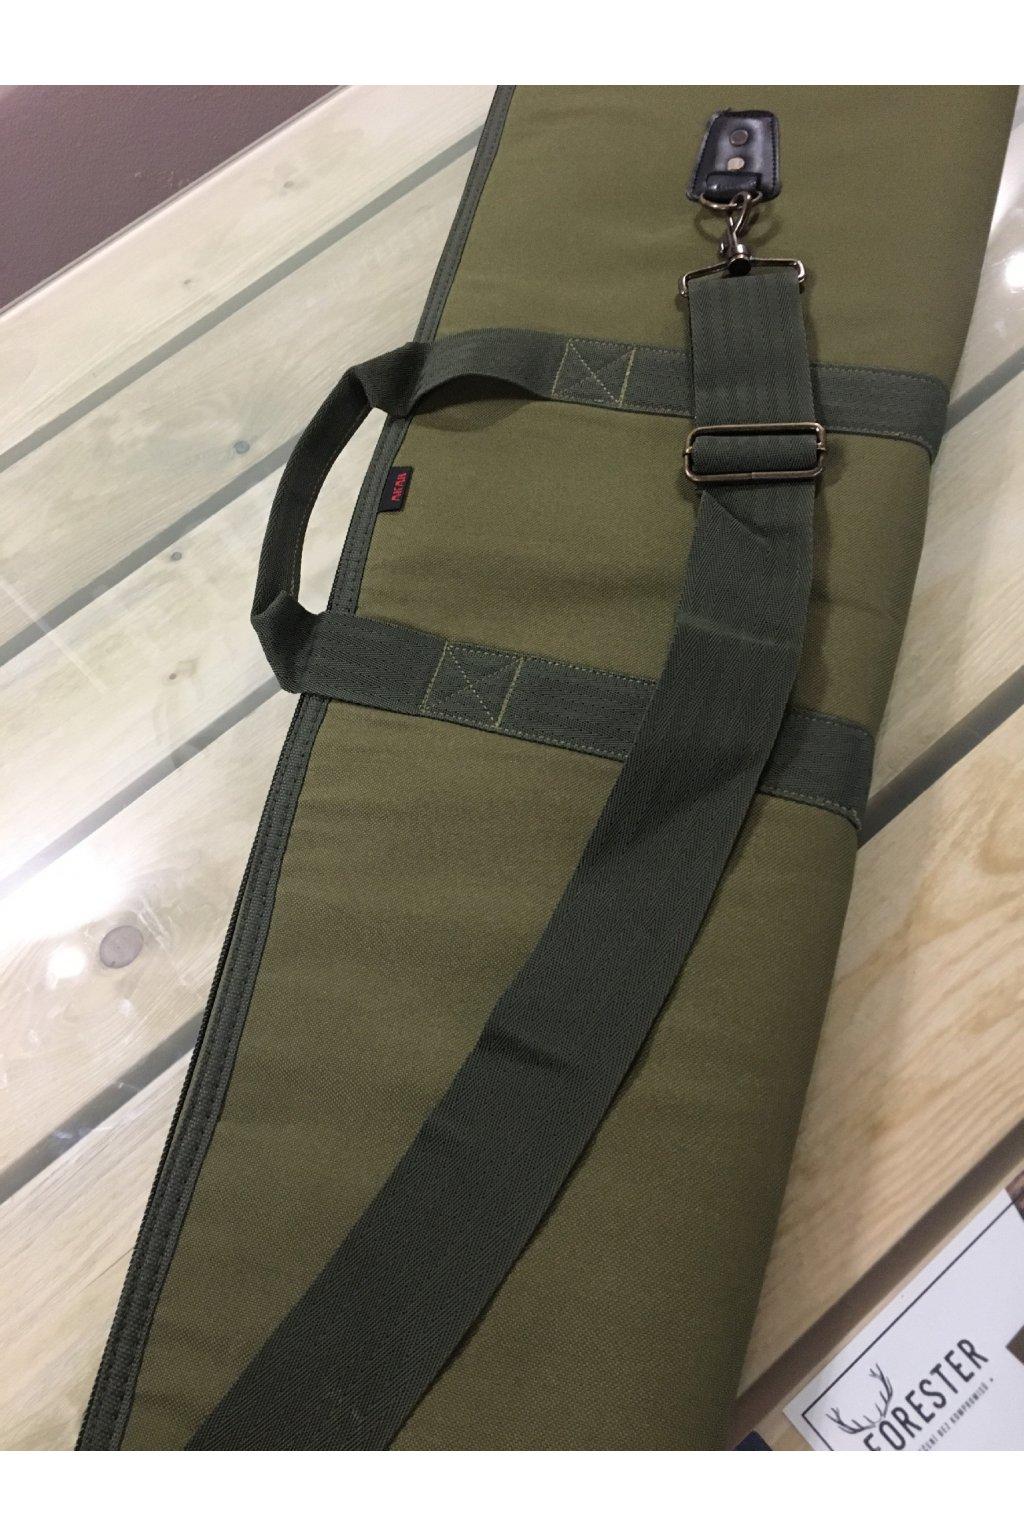 Pouzdro na zbraň AKAH green 130cm